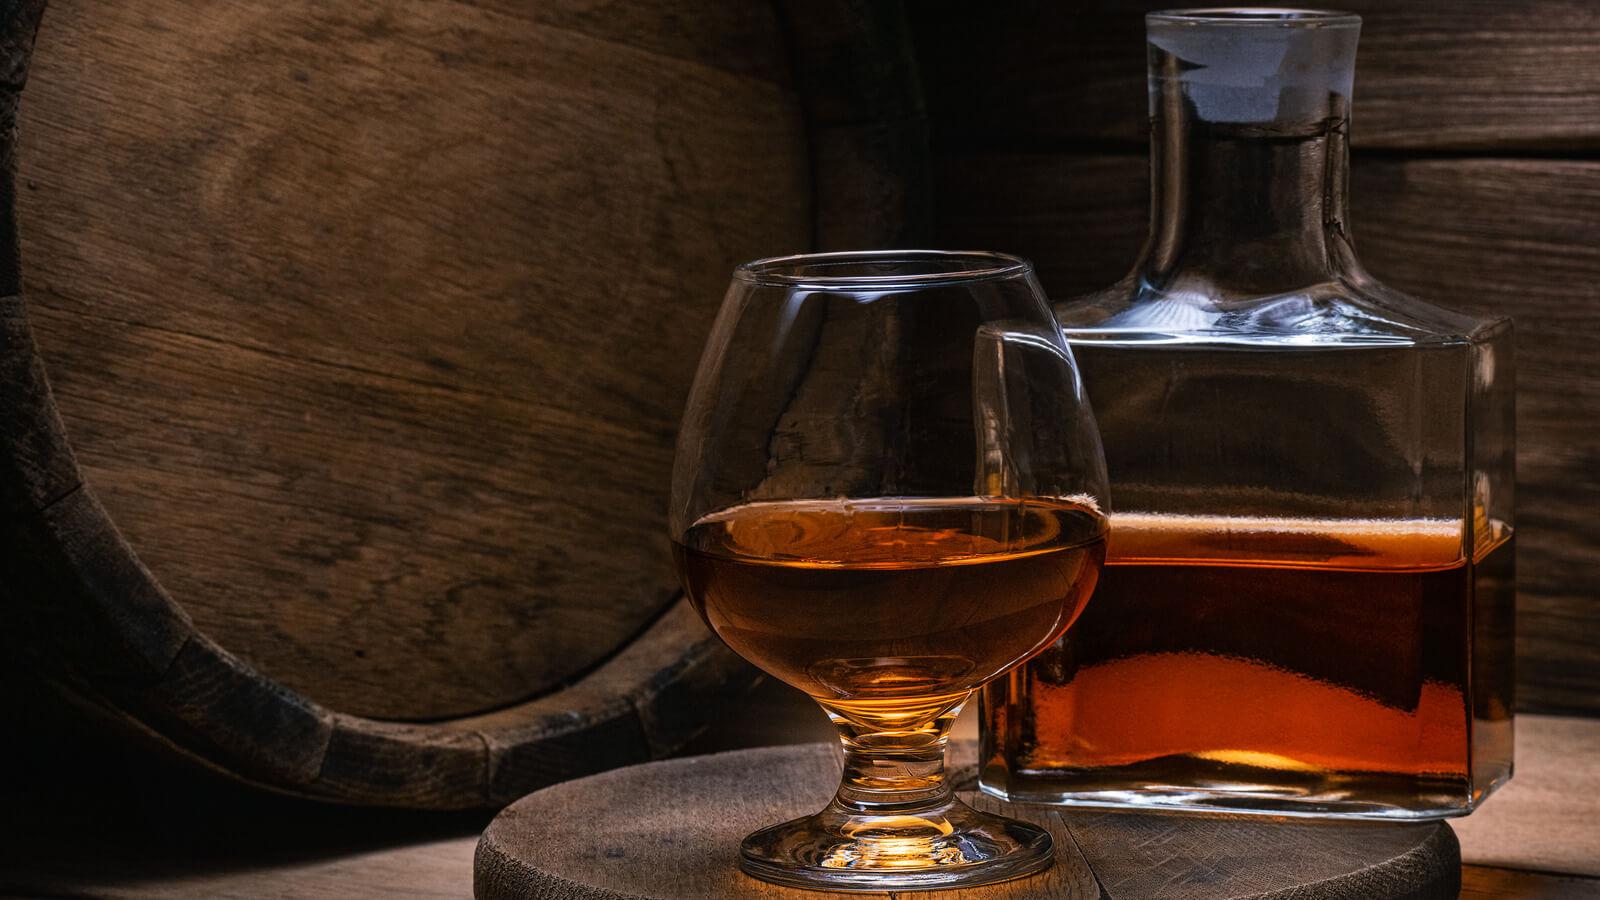 Quy trình cho ra những chai rượu Cognac tuyệt hảo